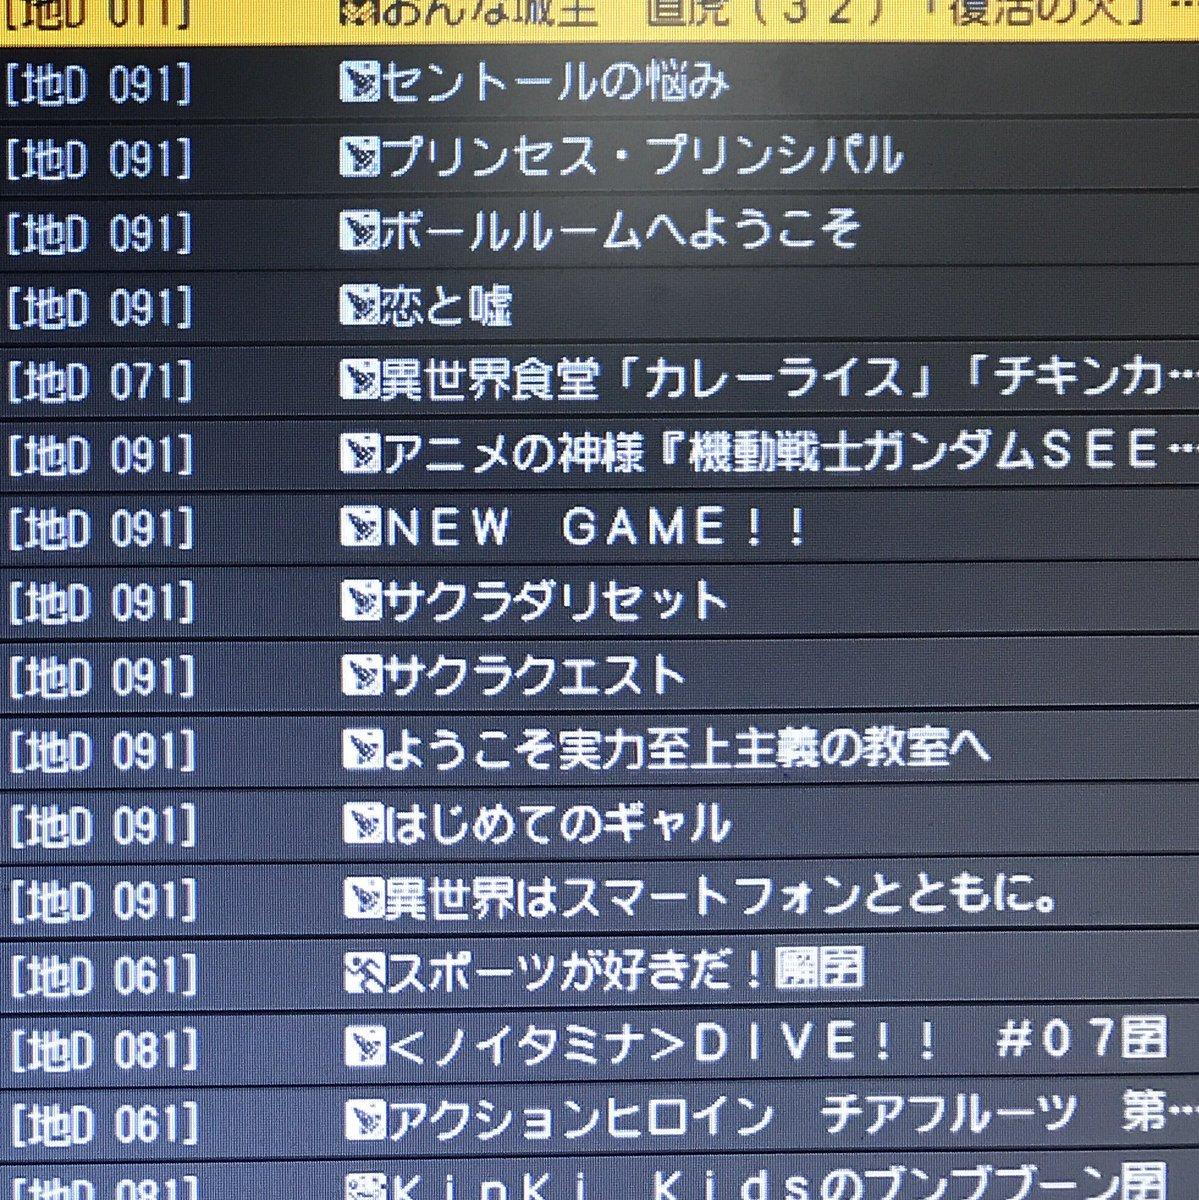 駆け出しアニヲタだけど初めて自立した今期『サクラ』2期2本『SHIROBAKO』と悠木碧さんで観てたけどおもしろい。ゼッ